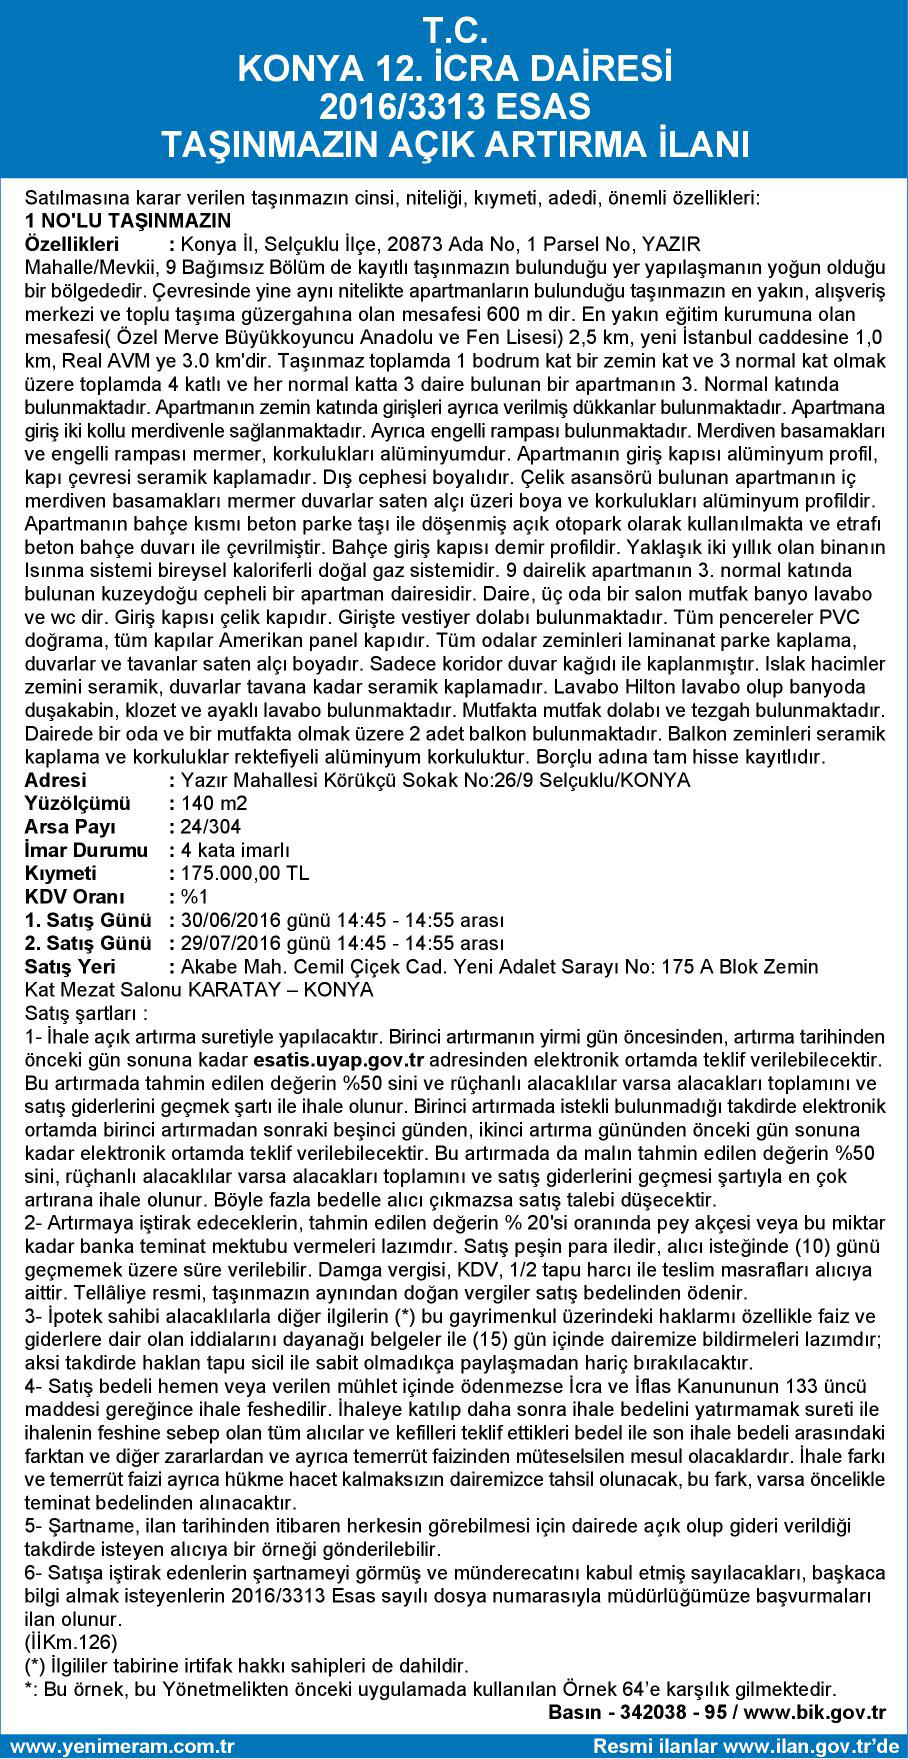 t-c-konya-12-icra-dairesi-20163313-esas-tasinmazin-acik-artirma-ilani